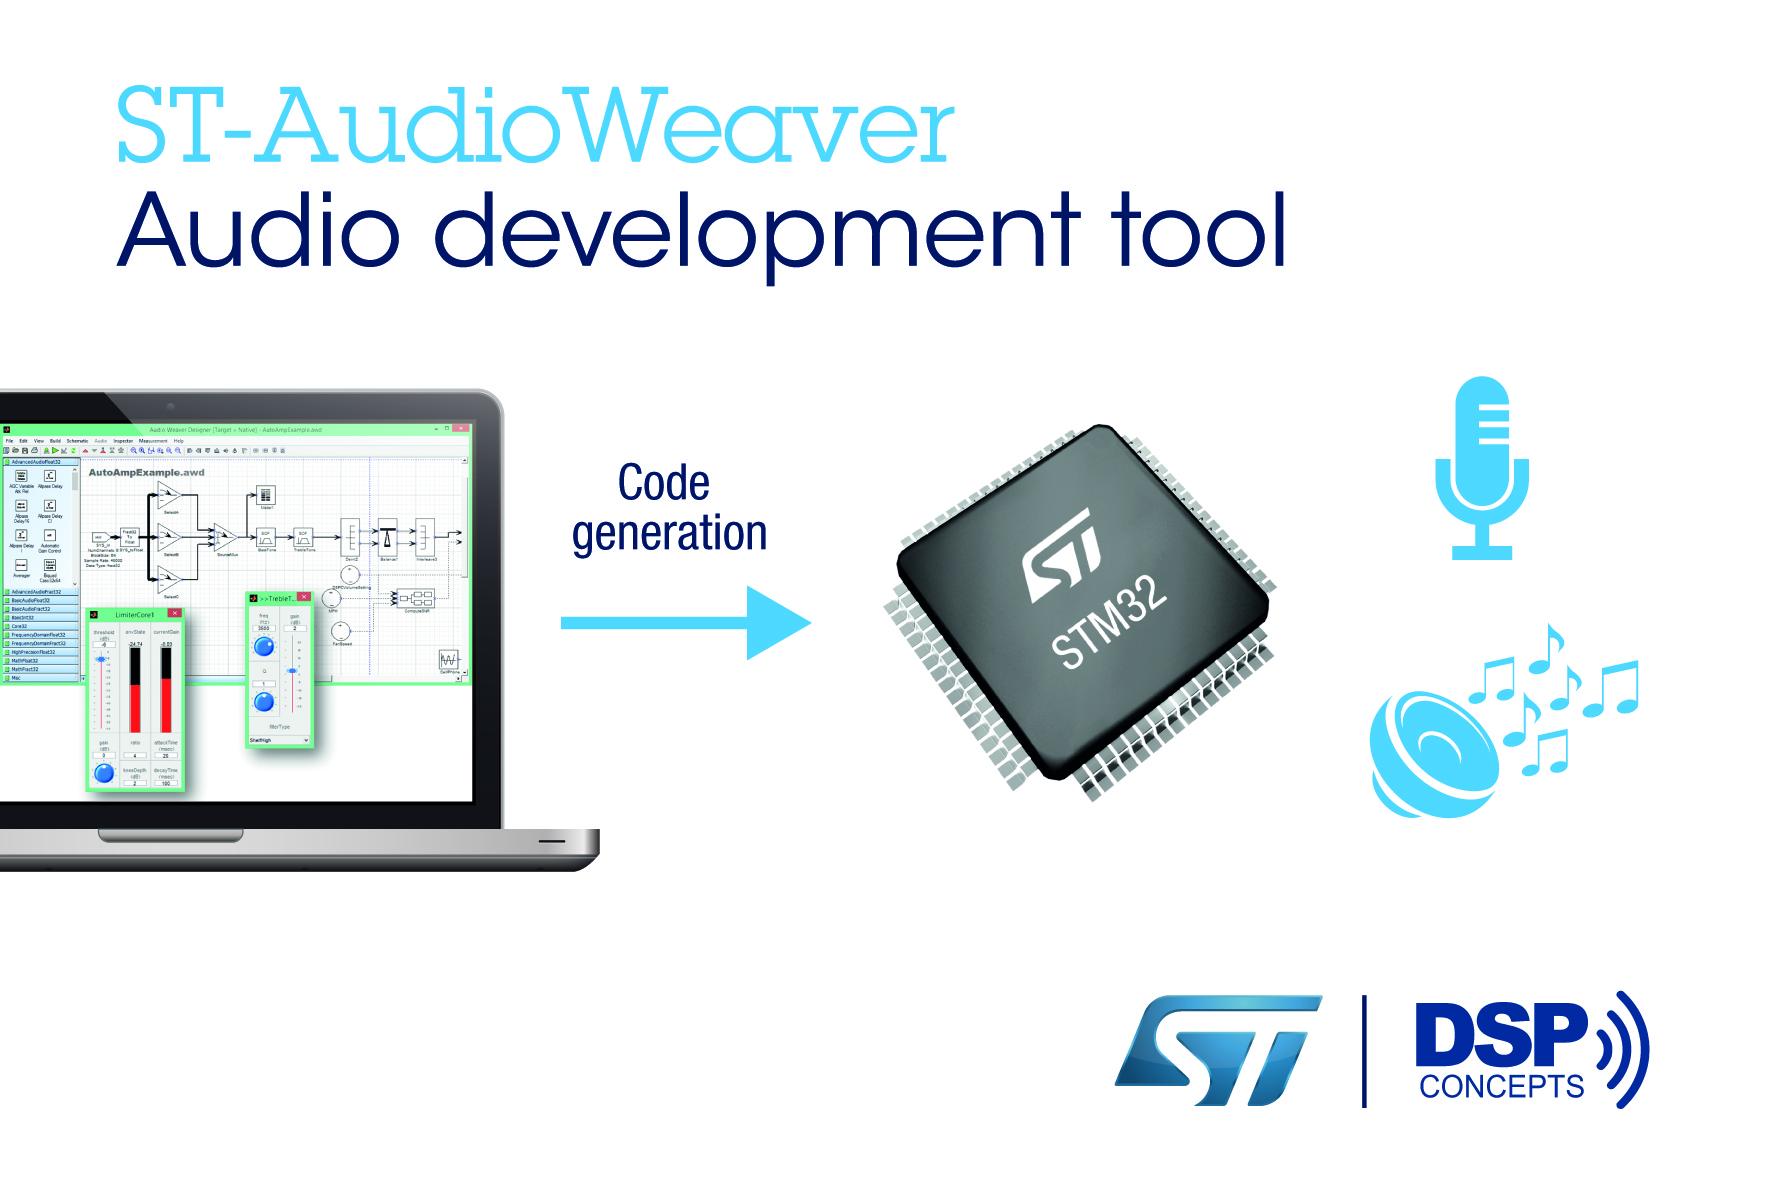 意法半導體攜手DSP Concepts 為STM32用戶提供音頻設計工具